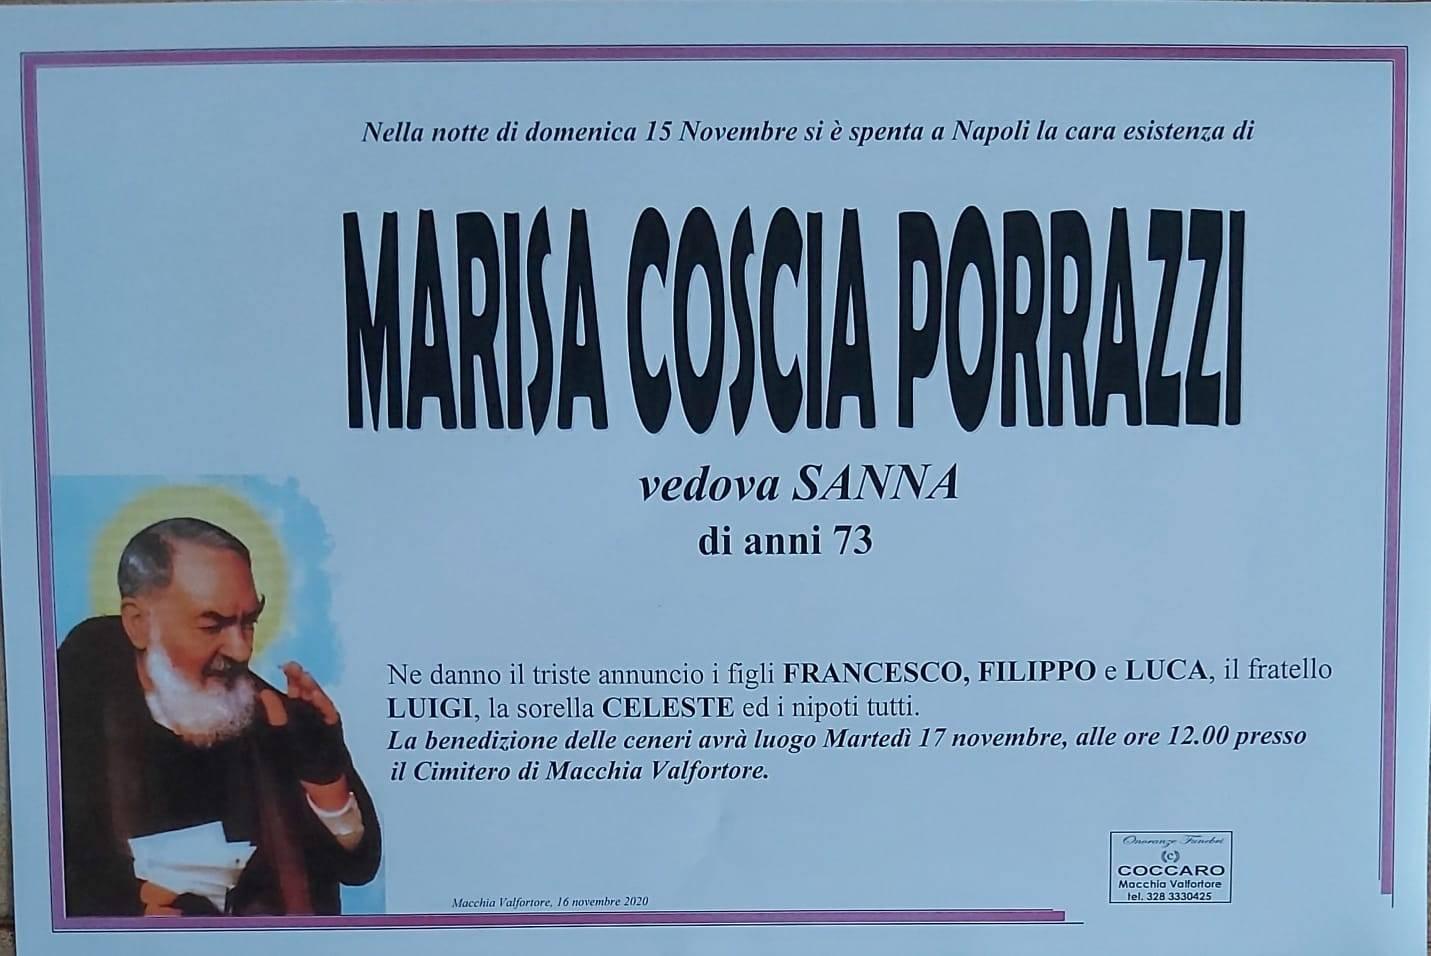 Marisa Coscia Porrazzi